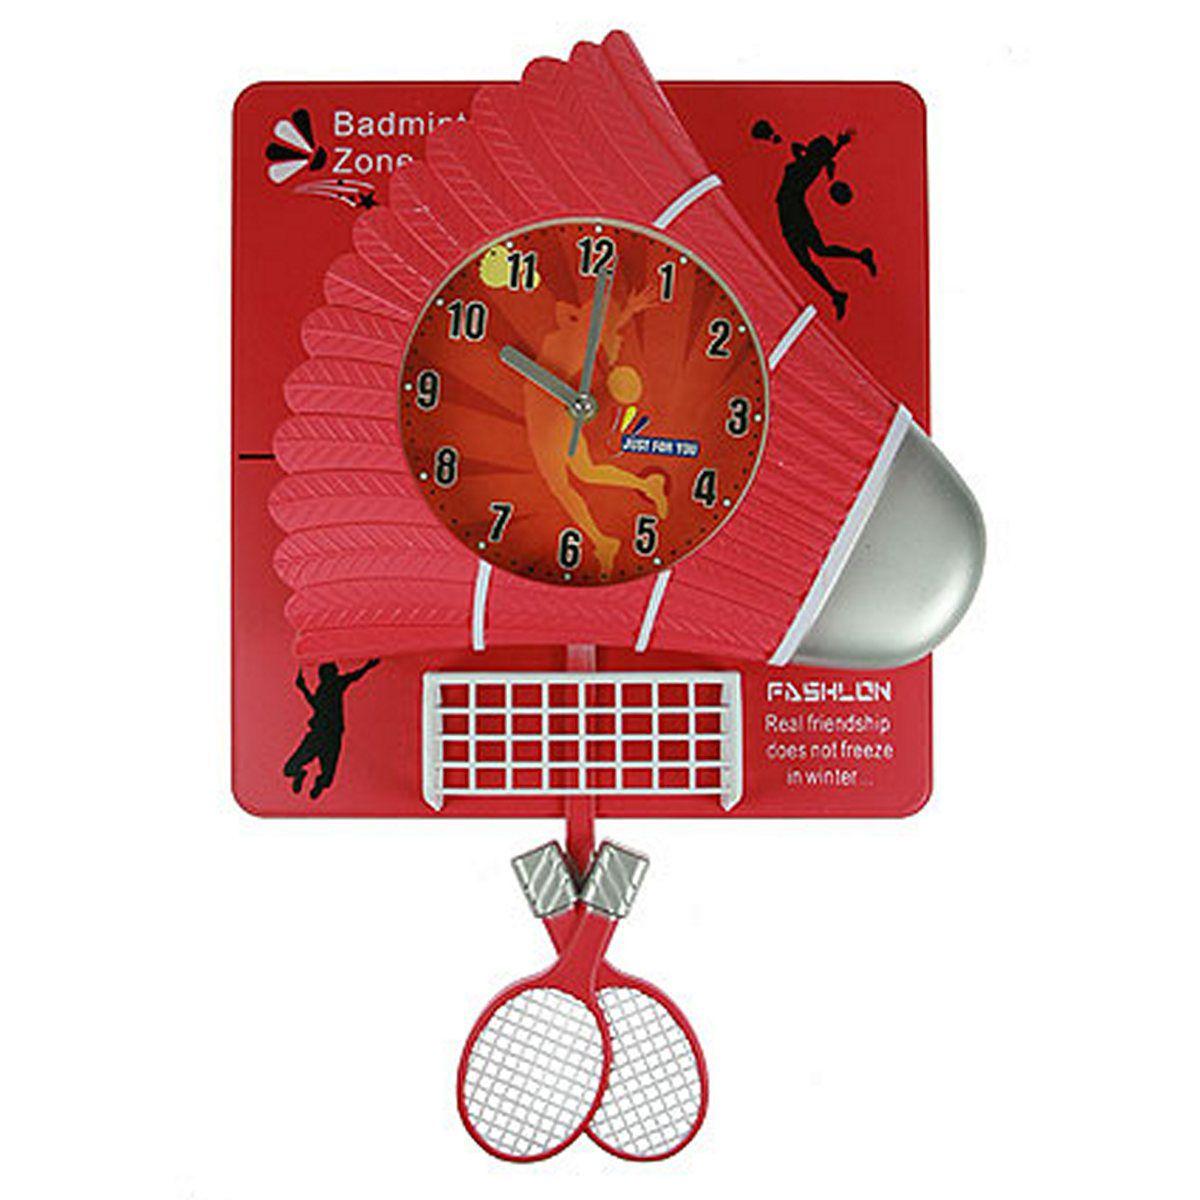 """Настенные кварцевые часы Русские Подарки """"Бадминтон"""" изготовлены из пластика. Корпус оригинально оформлен элементами игры в бадминтон. Часы имеют две стрелки - часовую и минутную. С обратной стороны имеется петелька для подвешивания на стену.      Такие часы красиво и необычно оформят интерьер дома или офиса. Также часы могут стать уникальным, полезным подарком для родственников, коллег, знакомых и близких.   Часы работают от батареек типа АА (в комплект не входят)."""